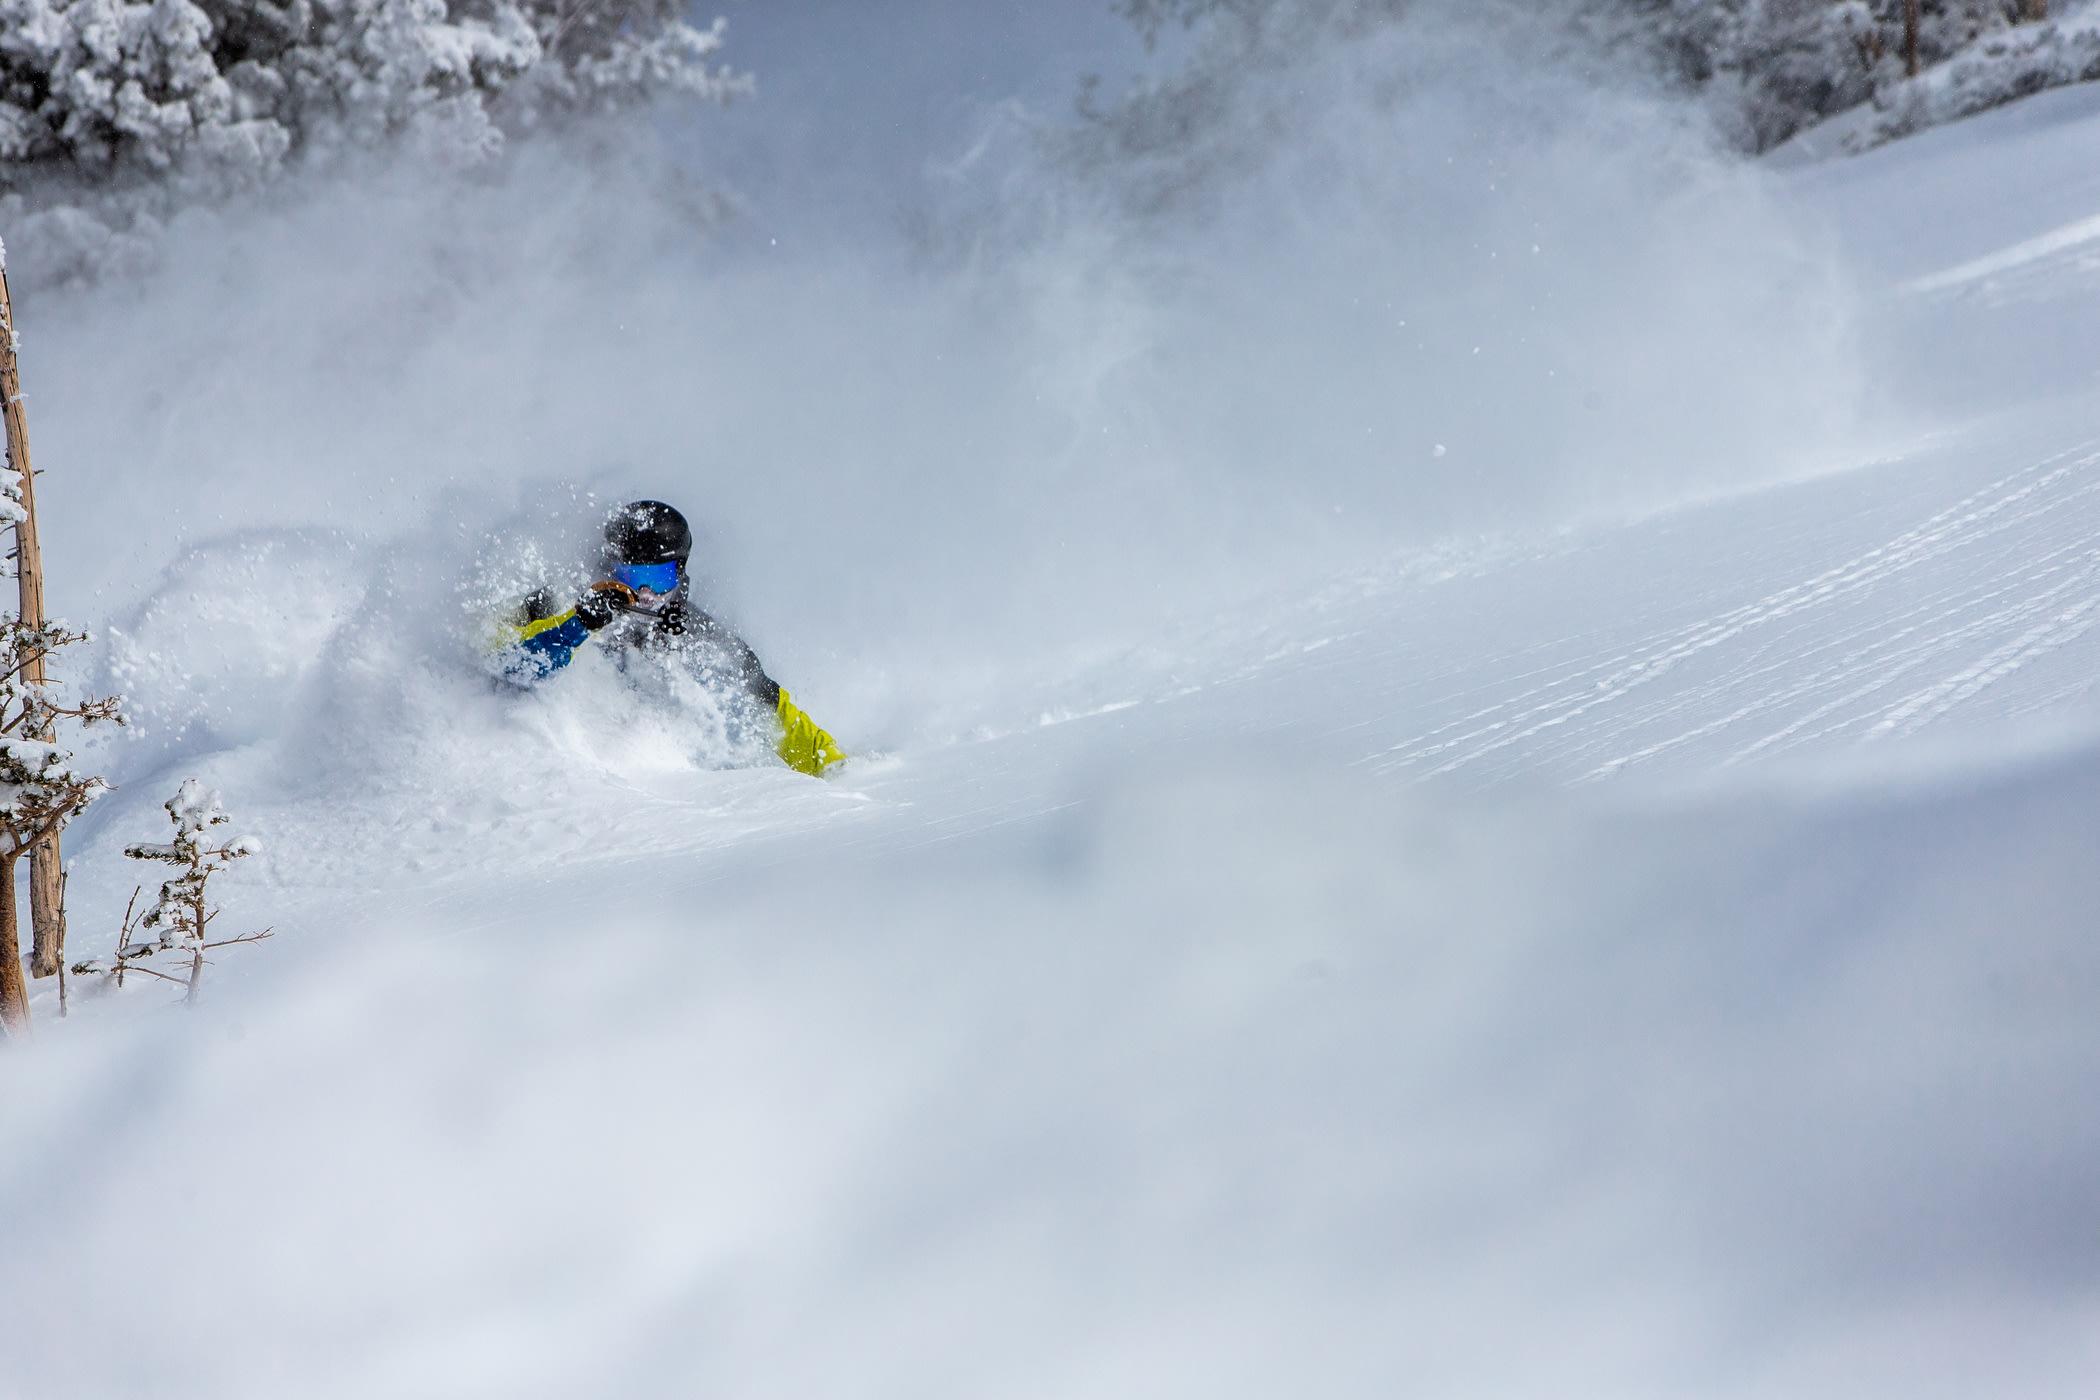 A skier enjoys Country Club powder   Photo: Rocko Menzyk